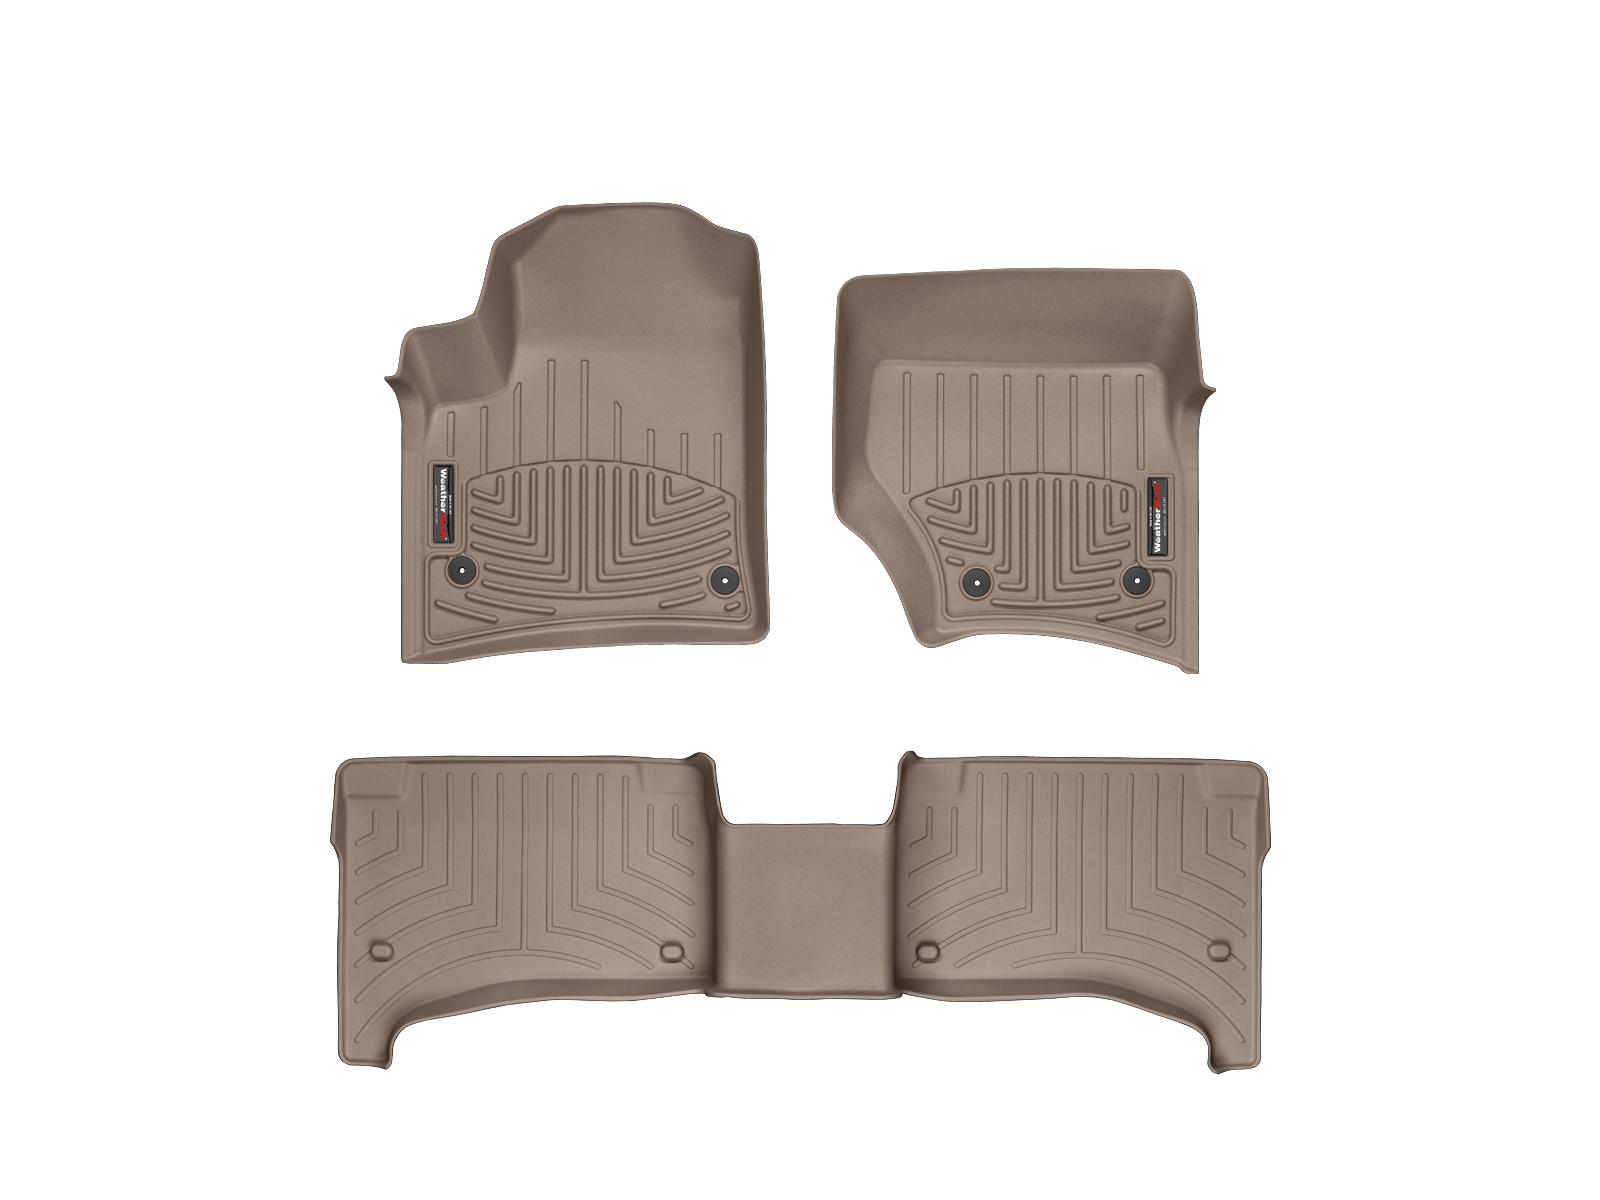 Tappeti gomma su misura bordo alto Volkswagen Touareg 10>10 Marrone A4318*